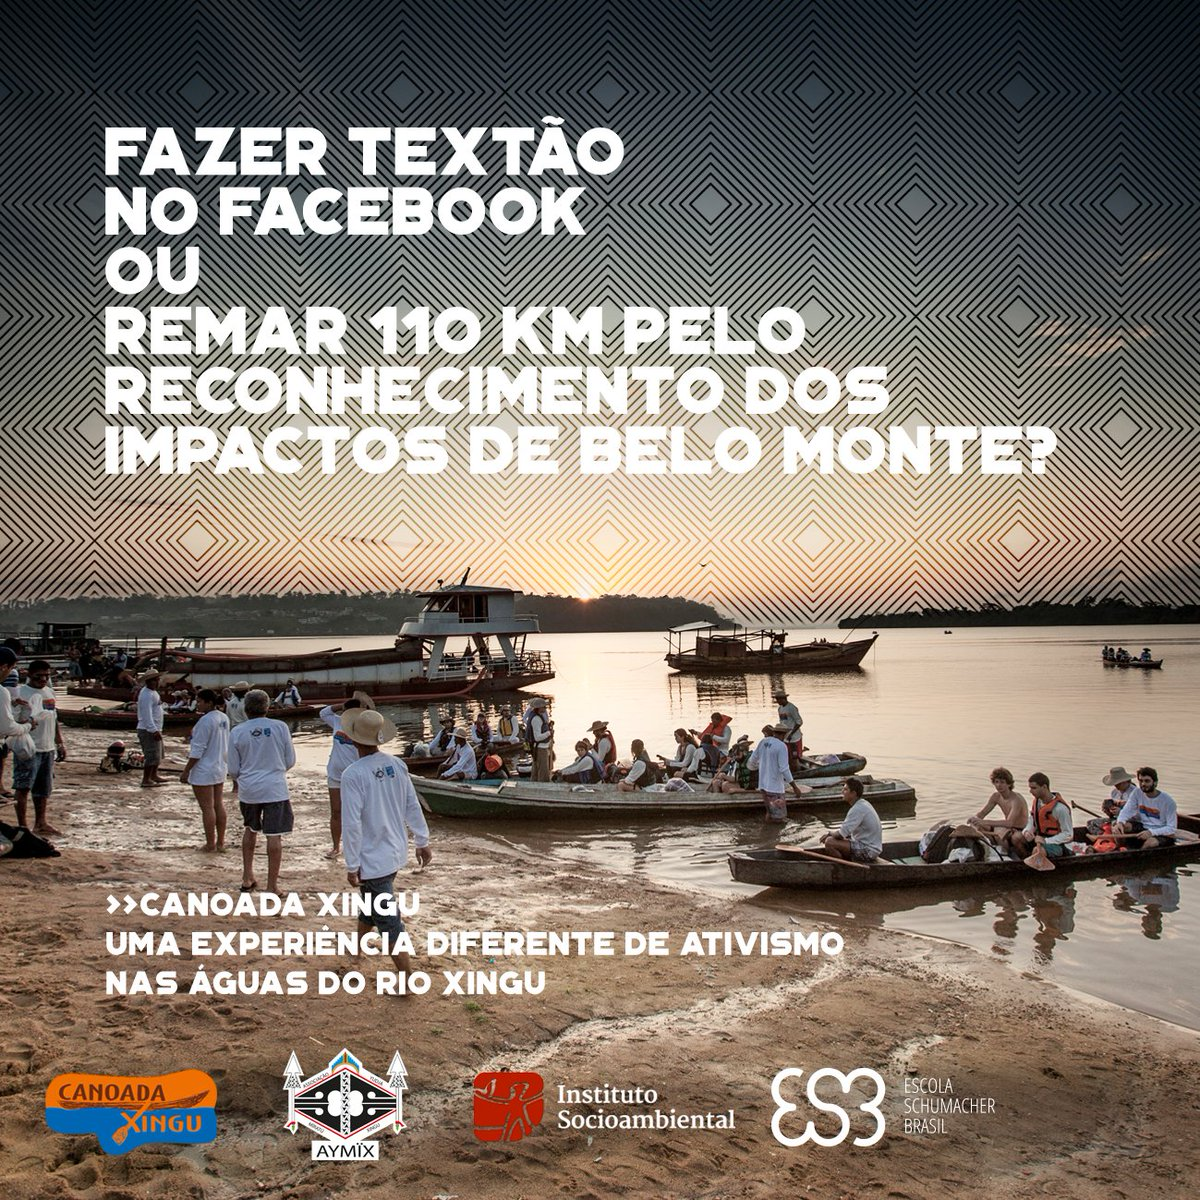 Venha fazer parte de uma experiência única de ativismo. Em setembro, vamos remar pelo rio Xingu, ver de perto Belo Monte, seus impactos e a luta das comunidades indígenas e ribeirinhas atingidas. Faça parte: aymix.org/canoada/ #CanoadaXingu2018